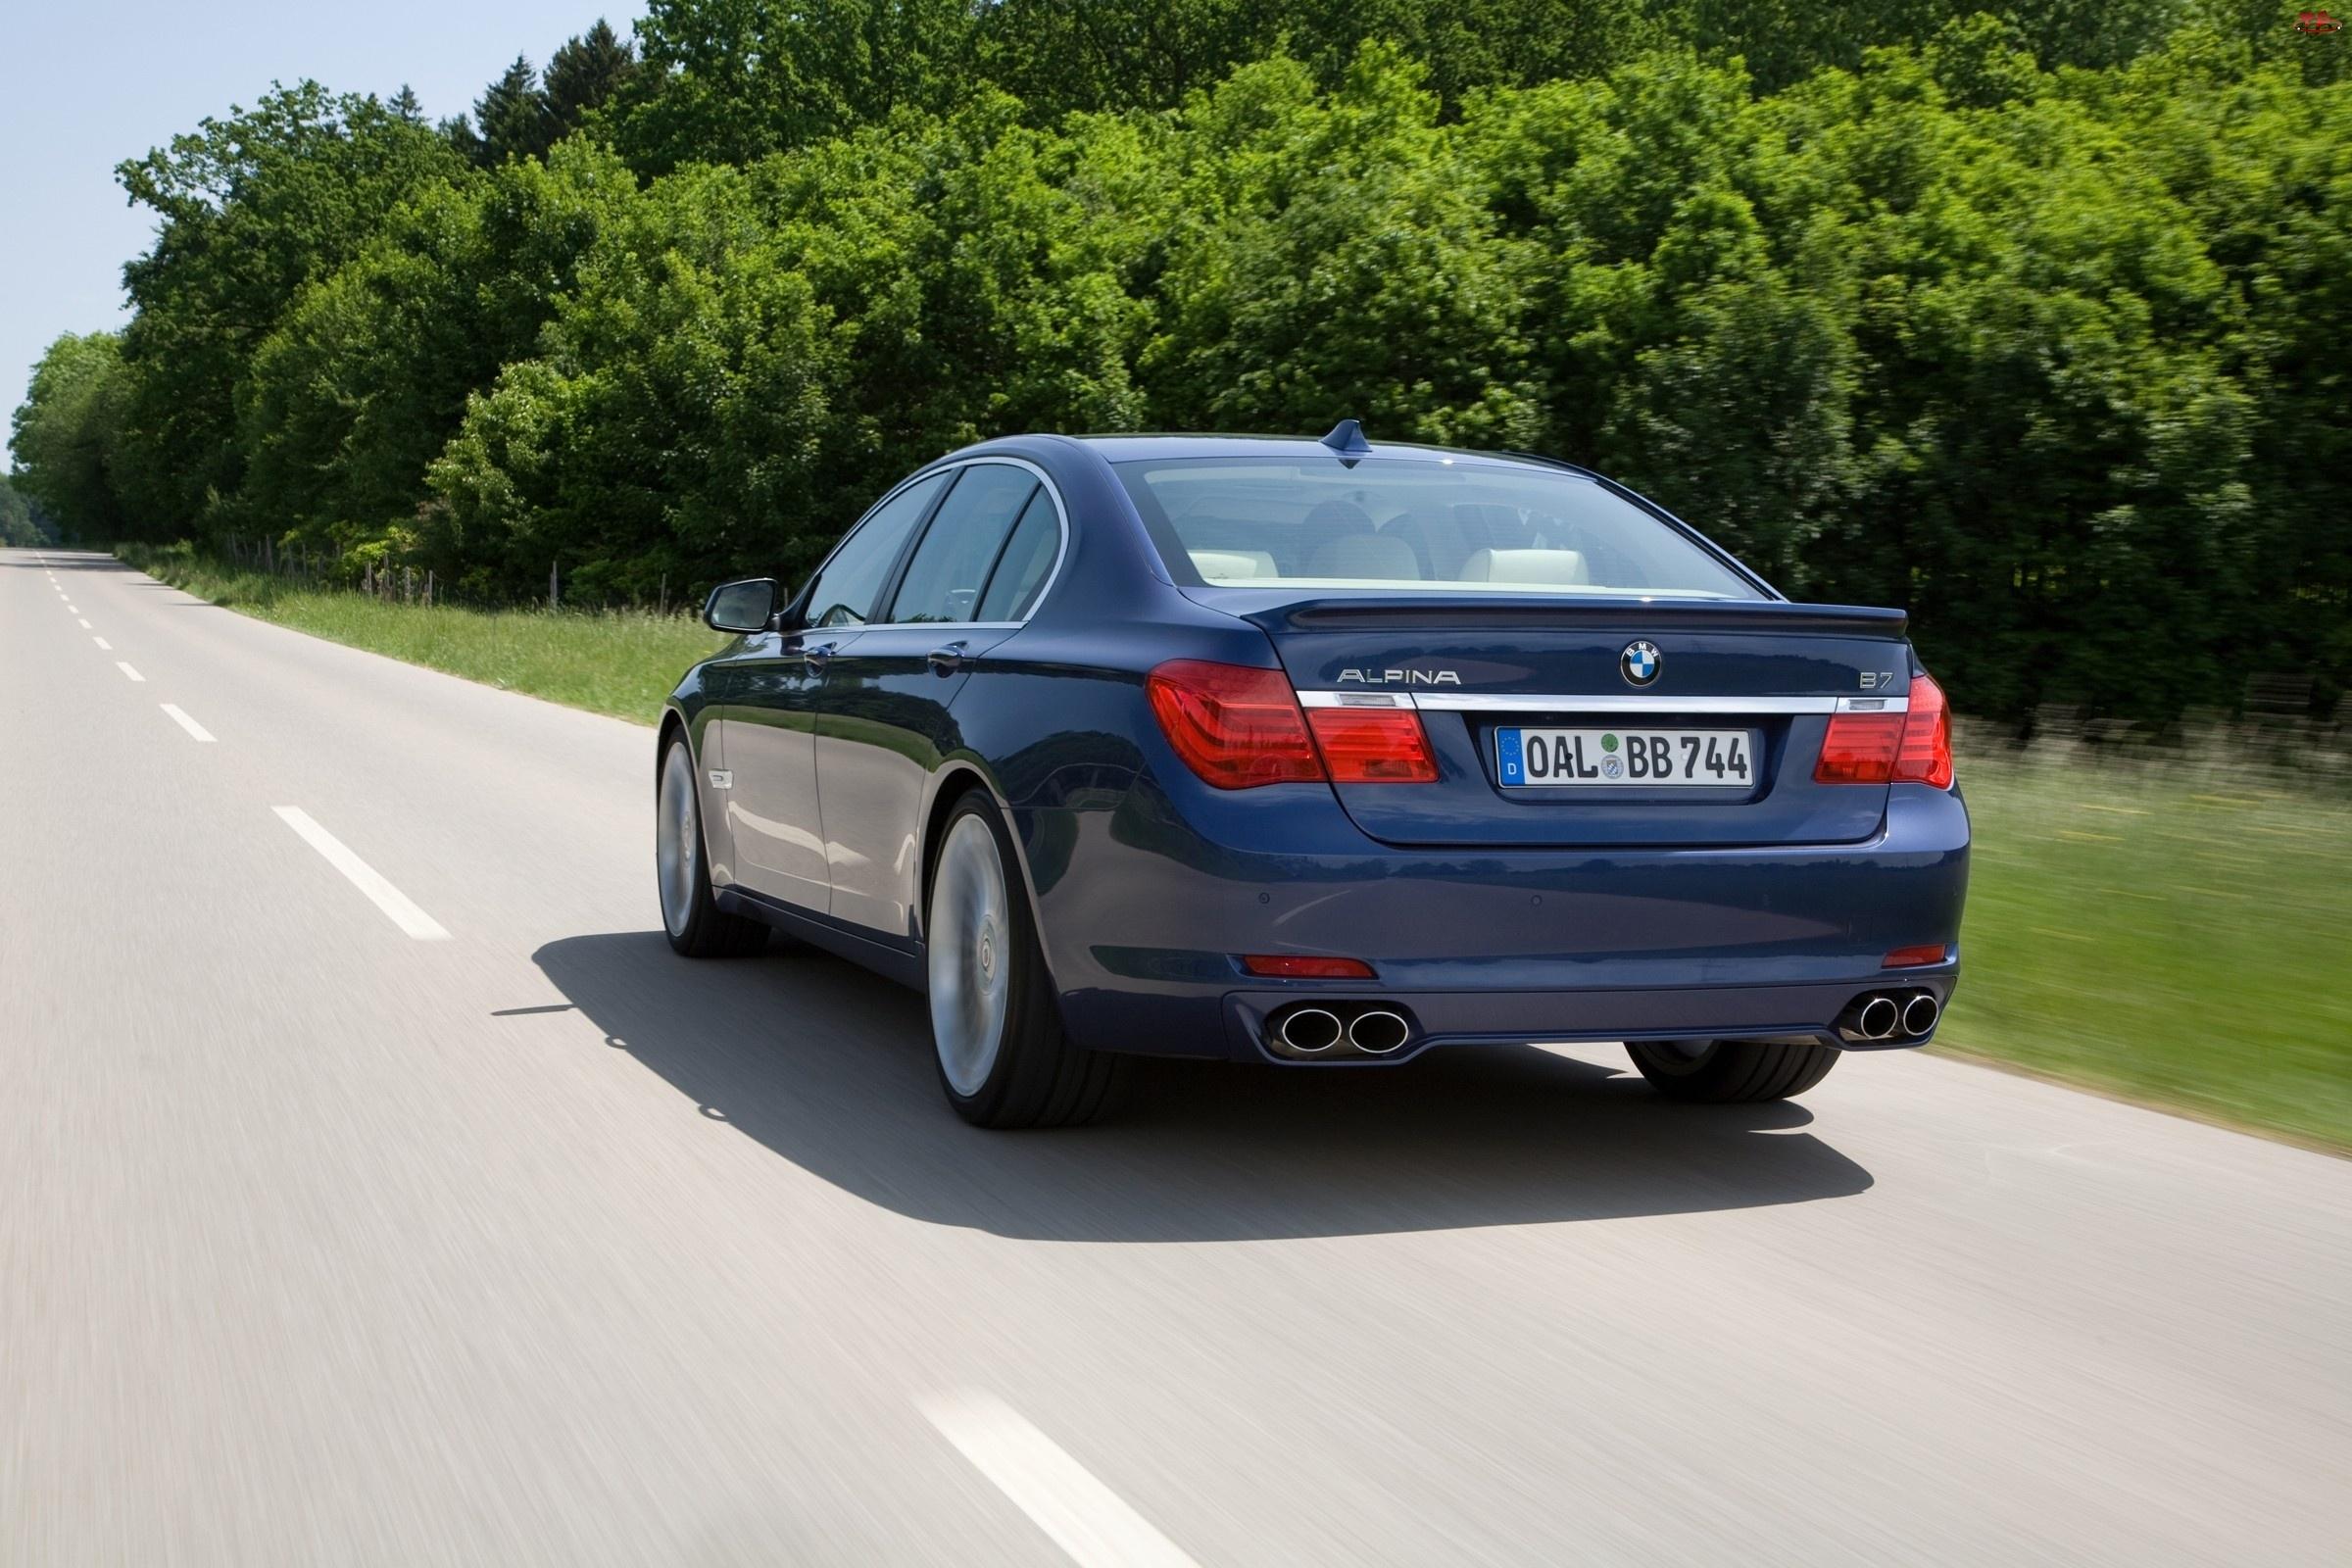 Droga, Alpina, BMW seria 7 F01, B7, Tłumik